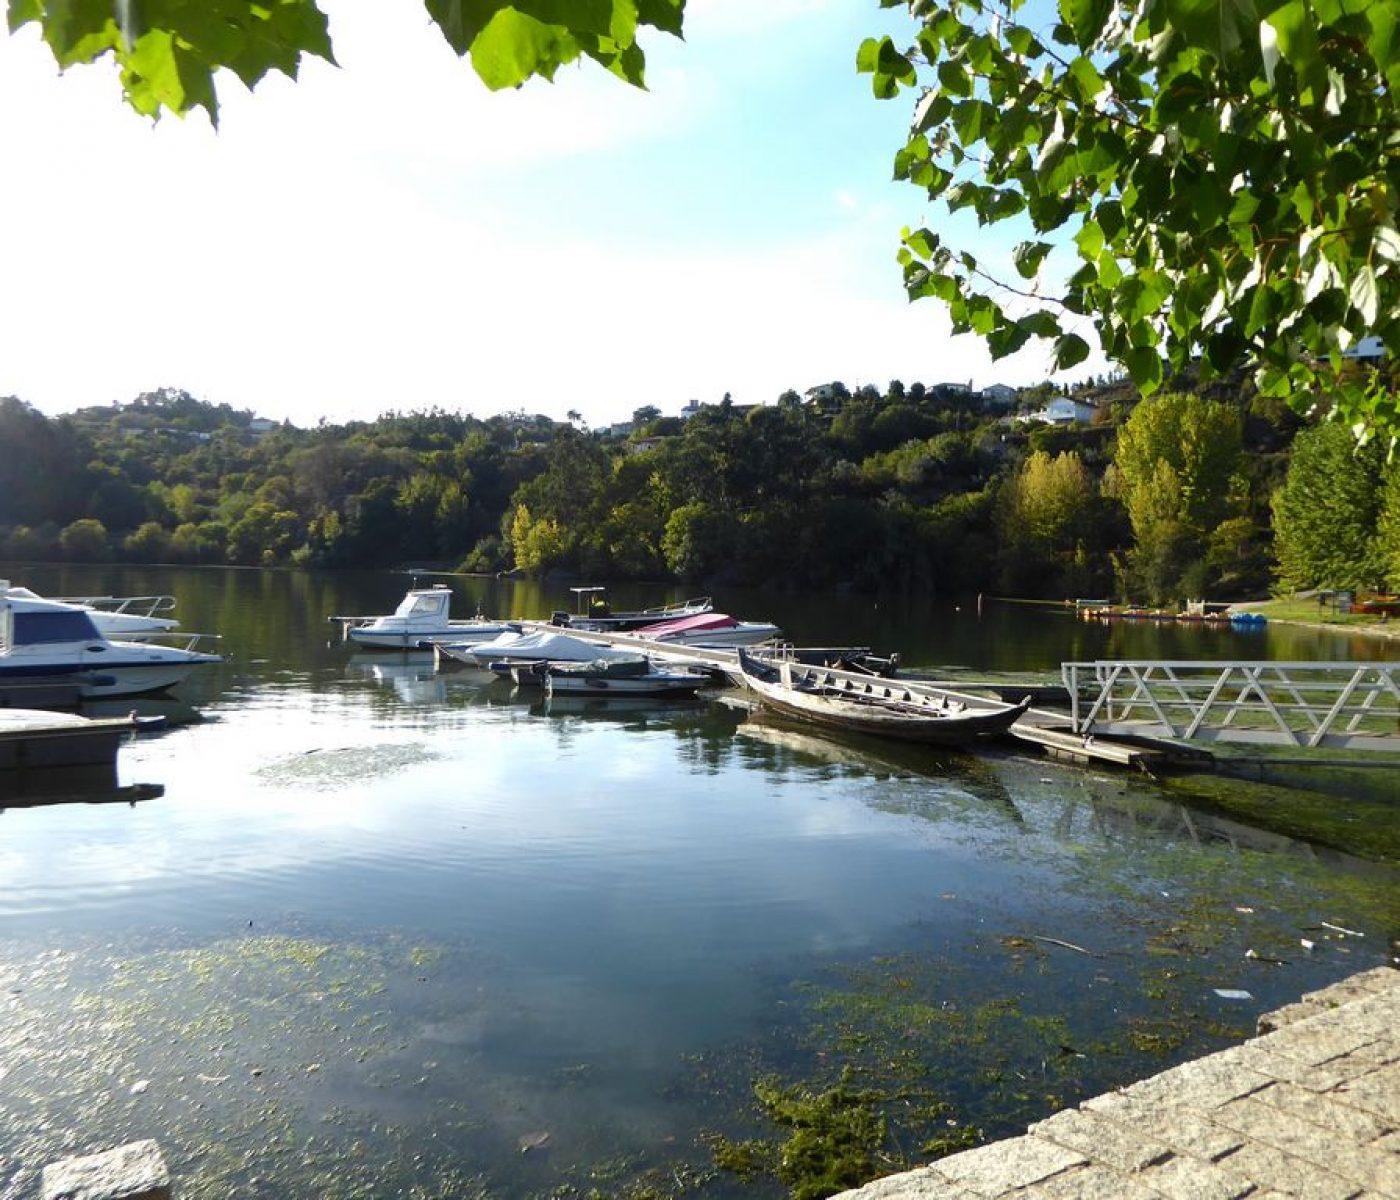 Quinta de Águia - Alojamento Local - Guest House - Atividades